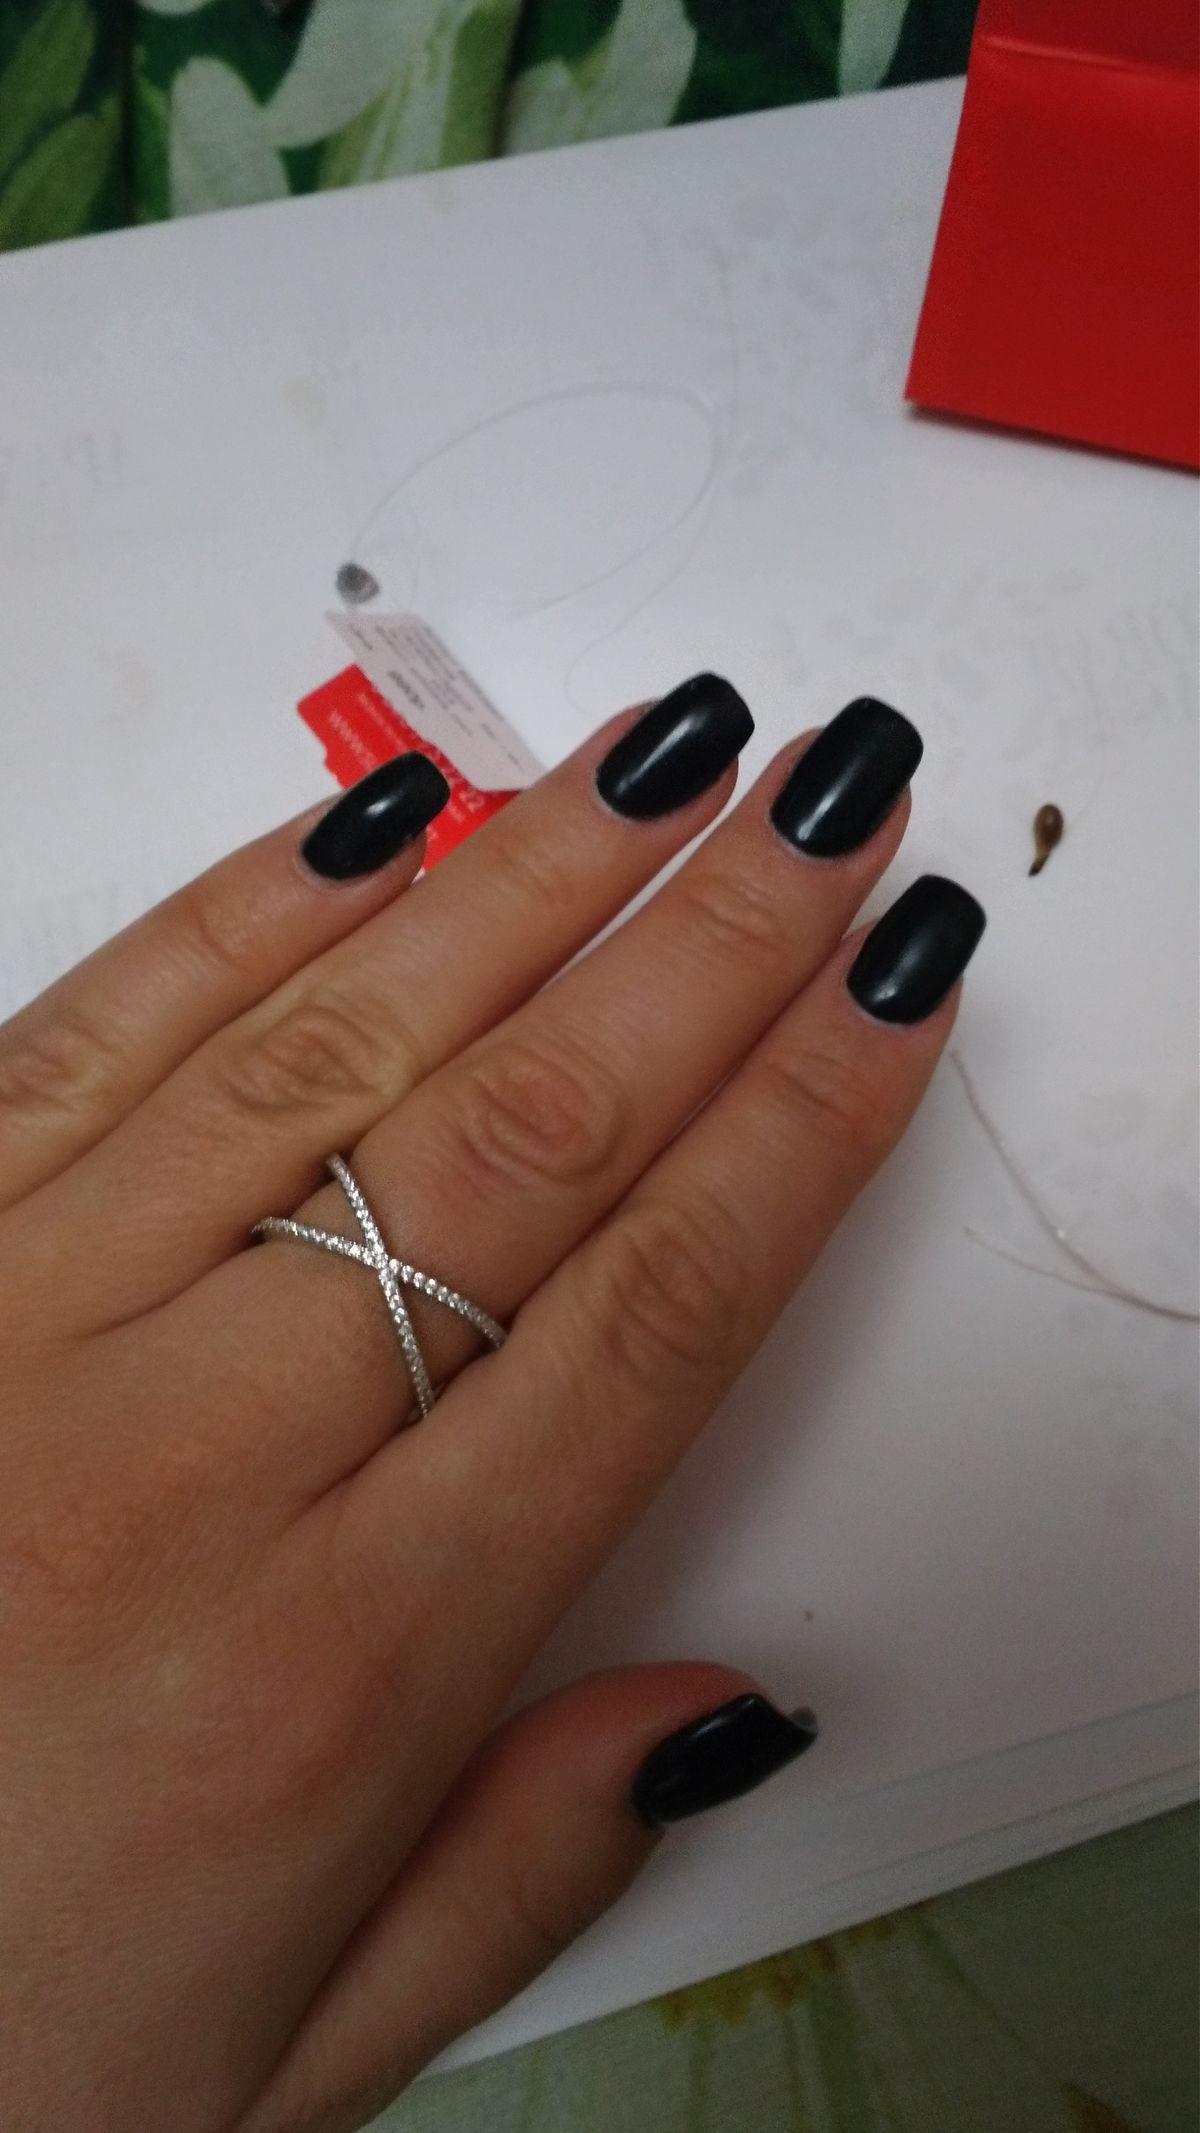 Крутое нежное кольцо, я в восторге)